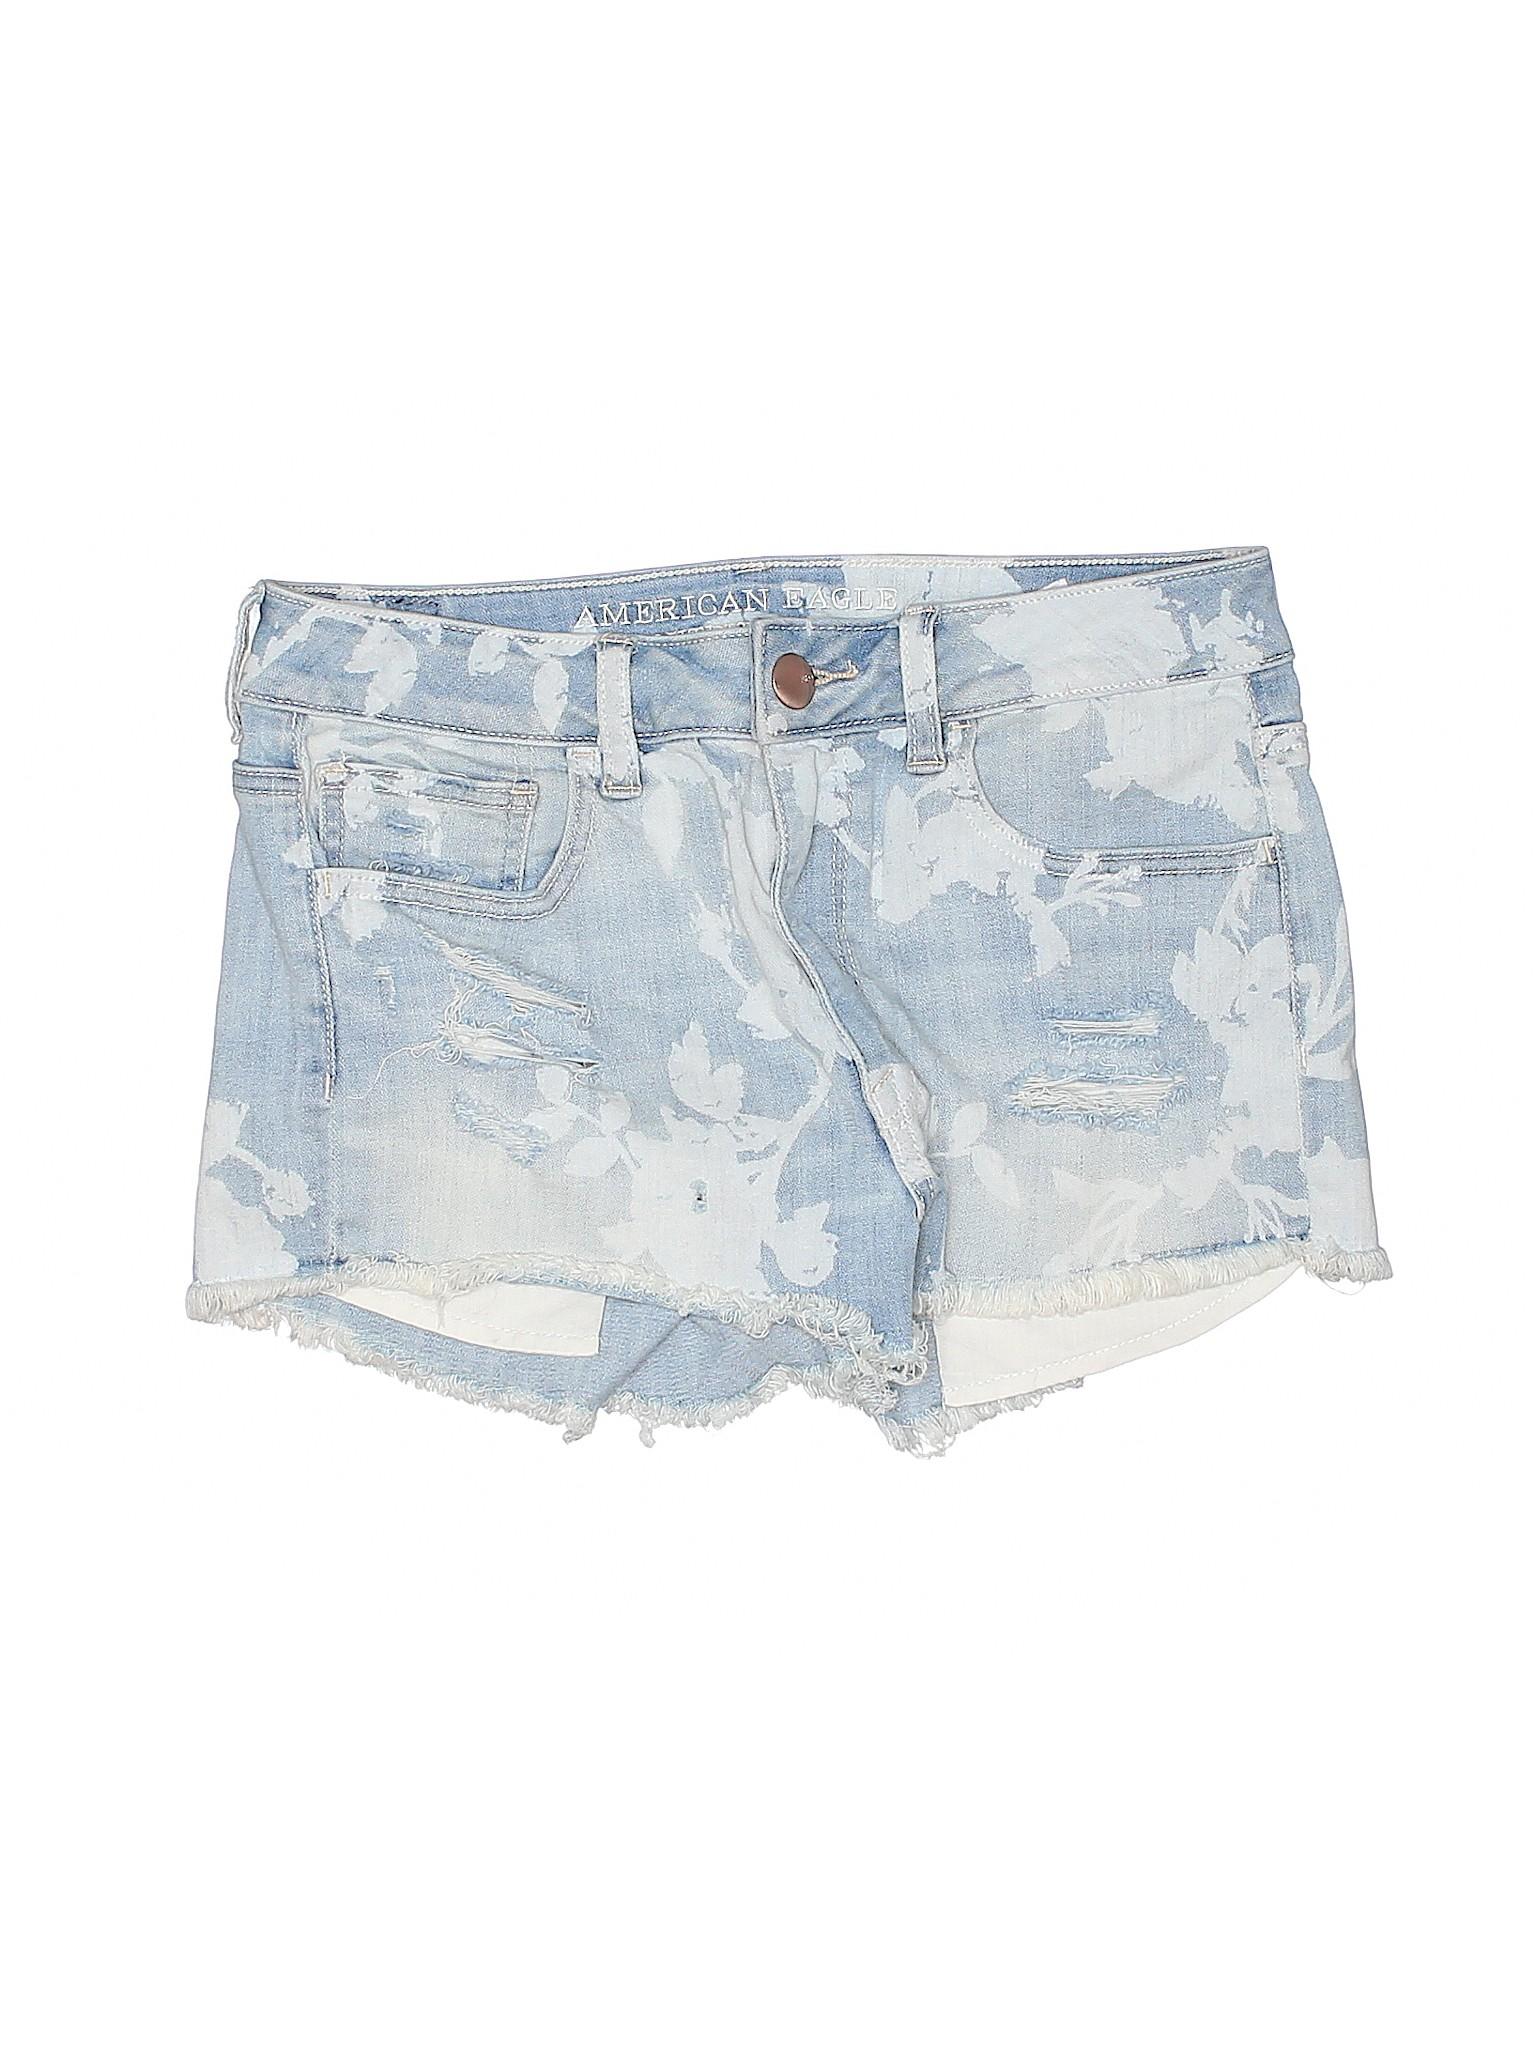 Boutique American Outfitters Denim Shorts Eagle rrFPUwx